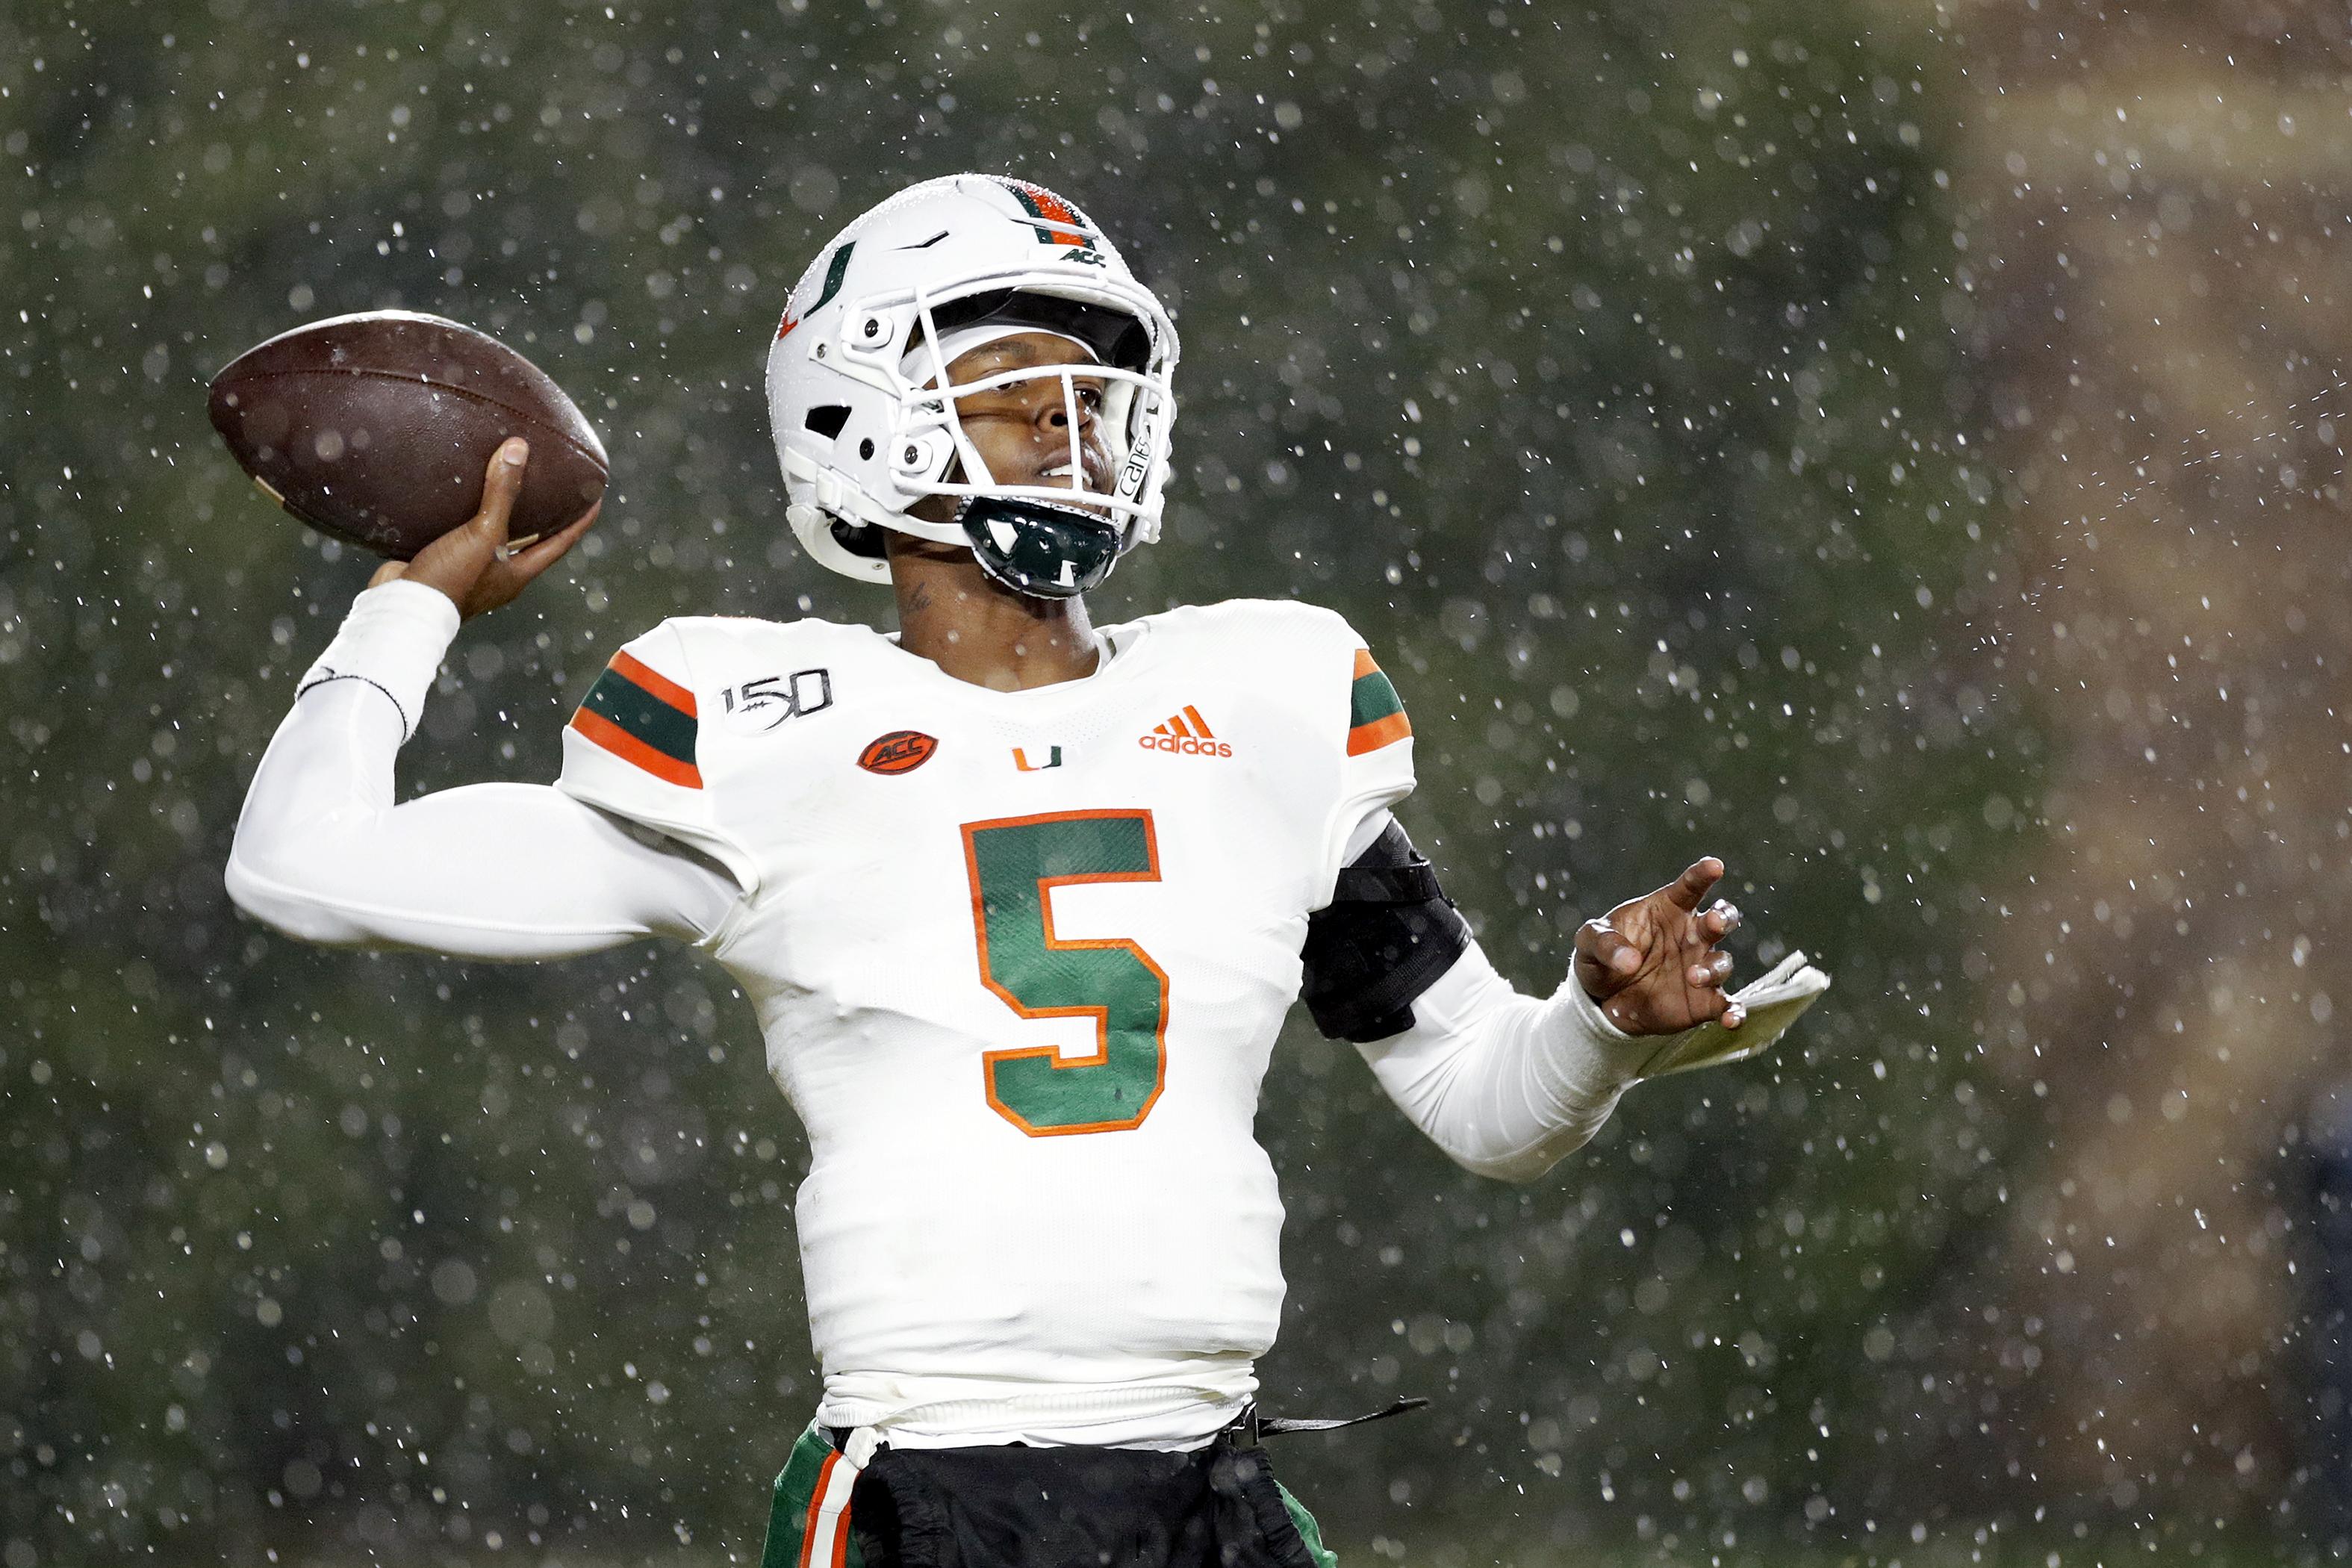 Miami v Duke